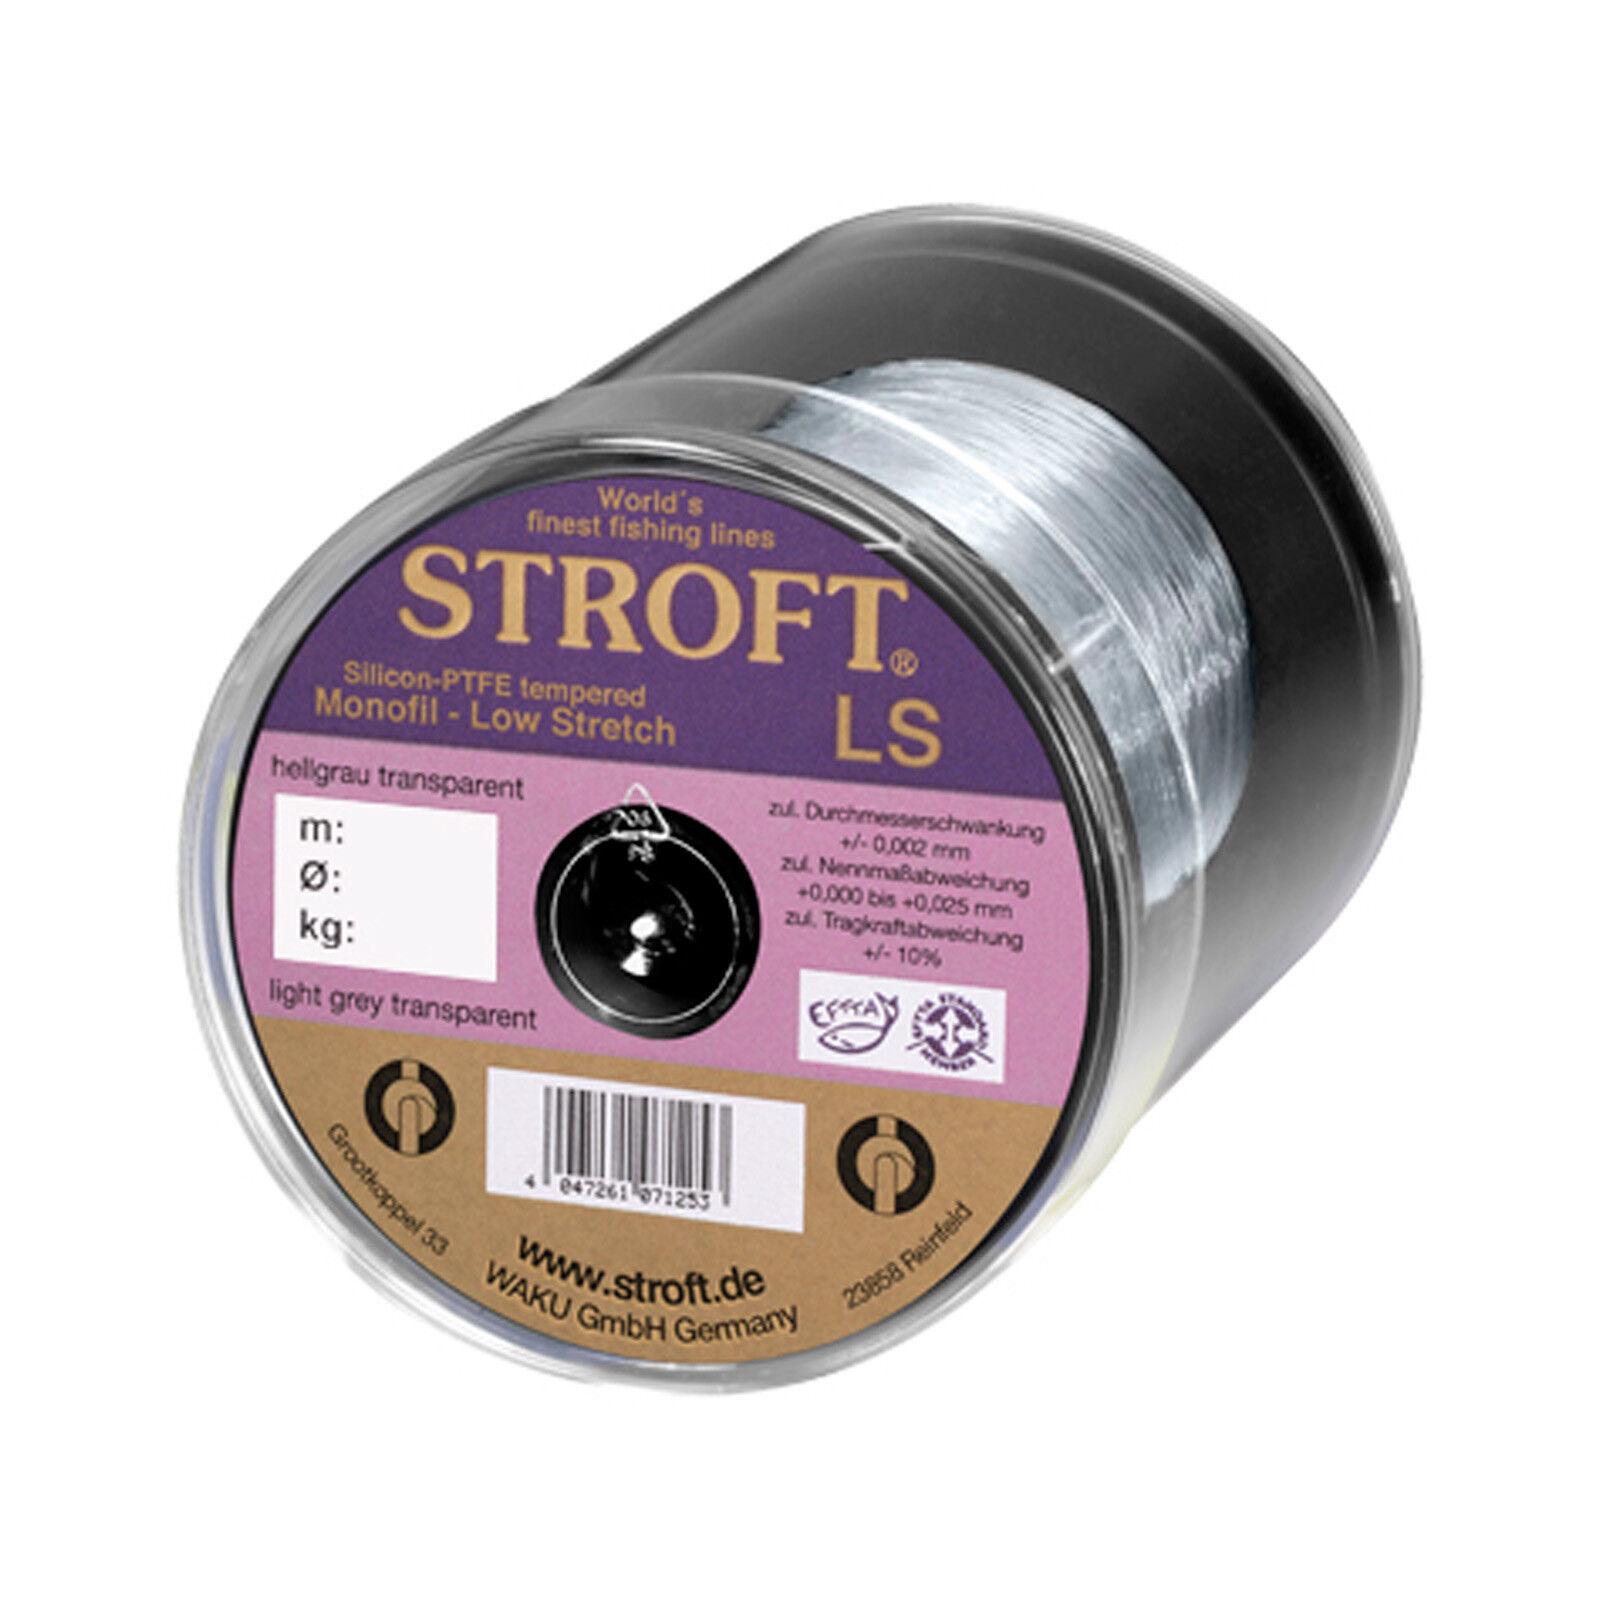 (0,05EUR m) Stroft Monofile AngeStroft LSchnur - Stroft Stroft Stroft LS 0,20mm 4,4kg 500m  | Ausgezeichnet (in) Qualität  f5b1f7